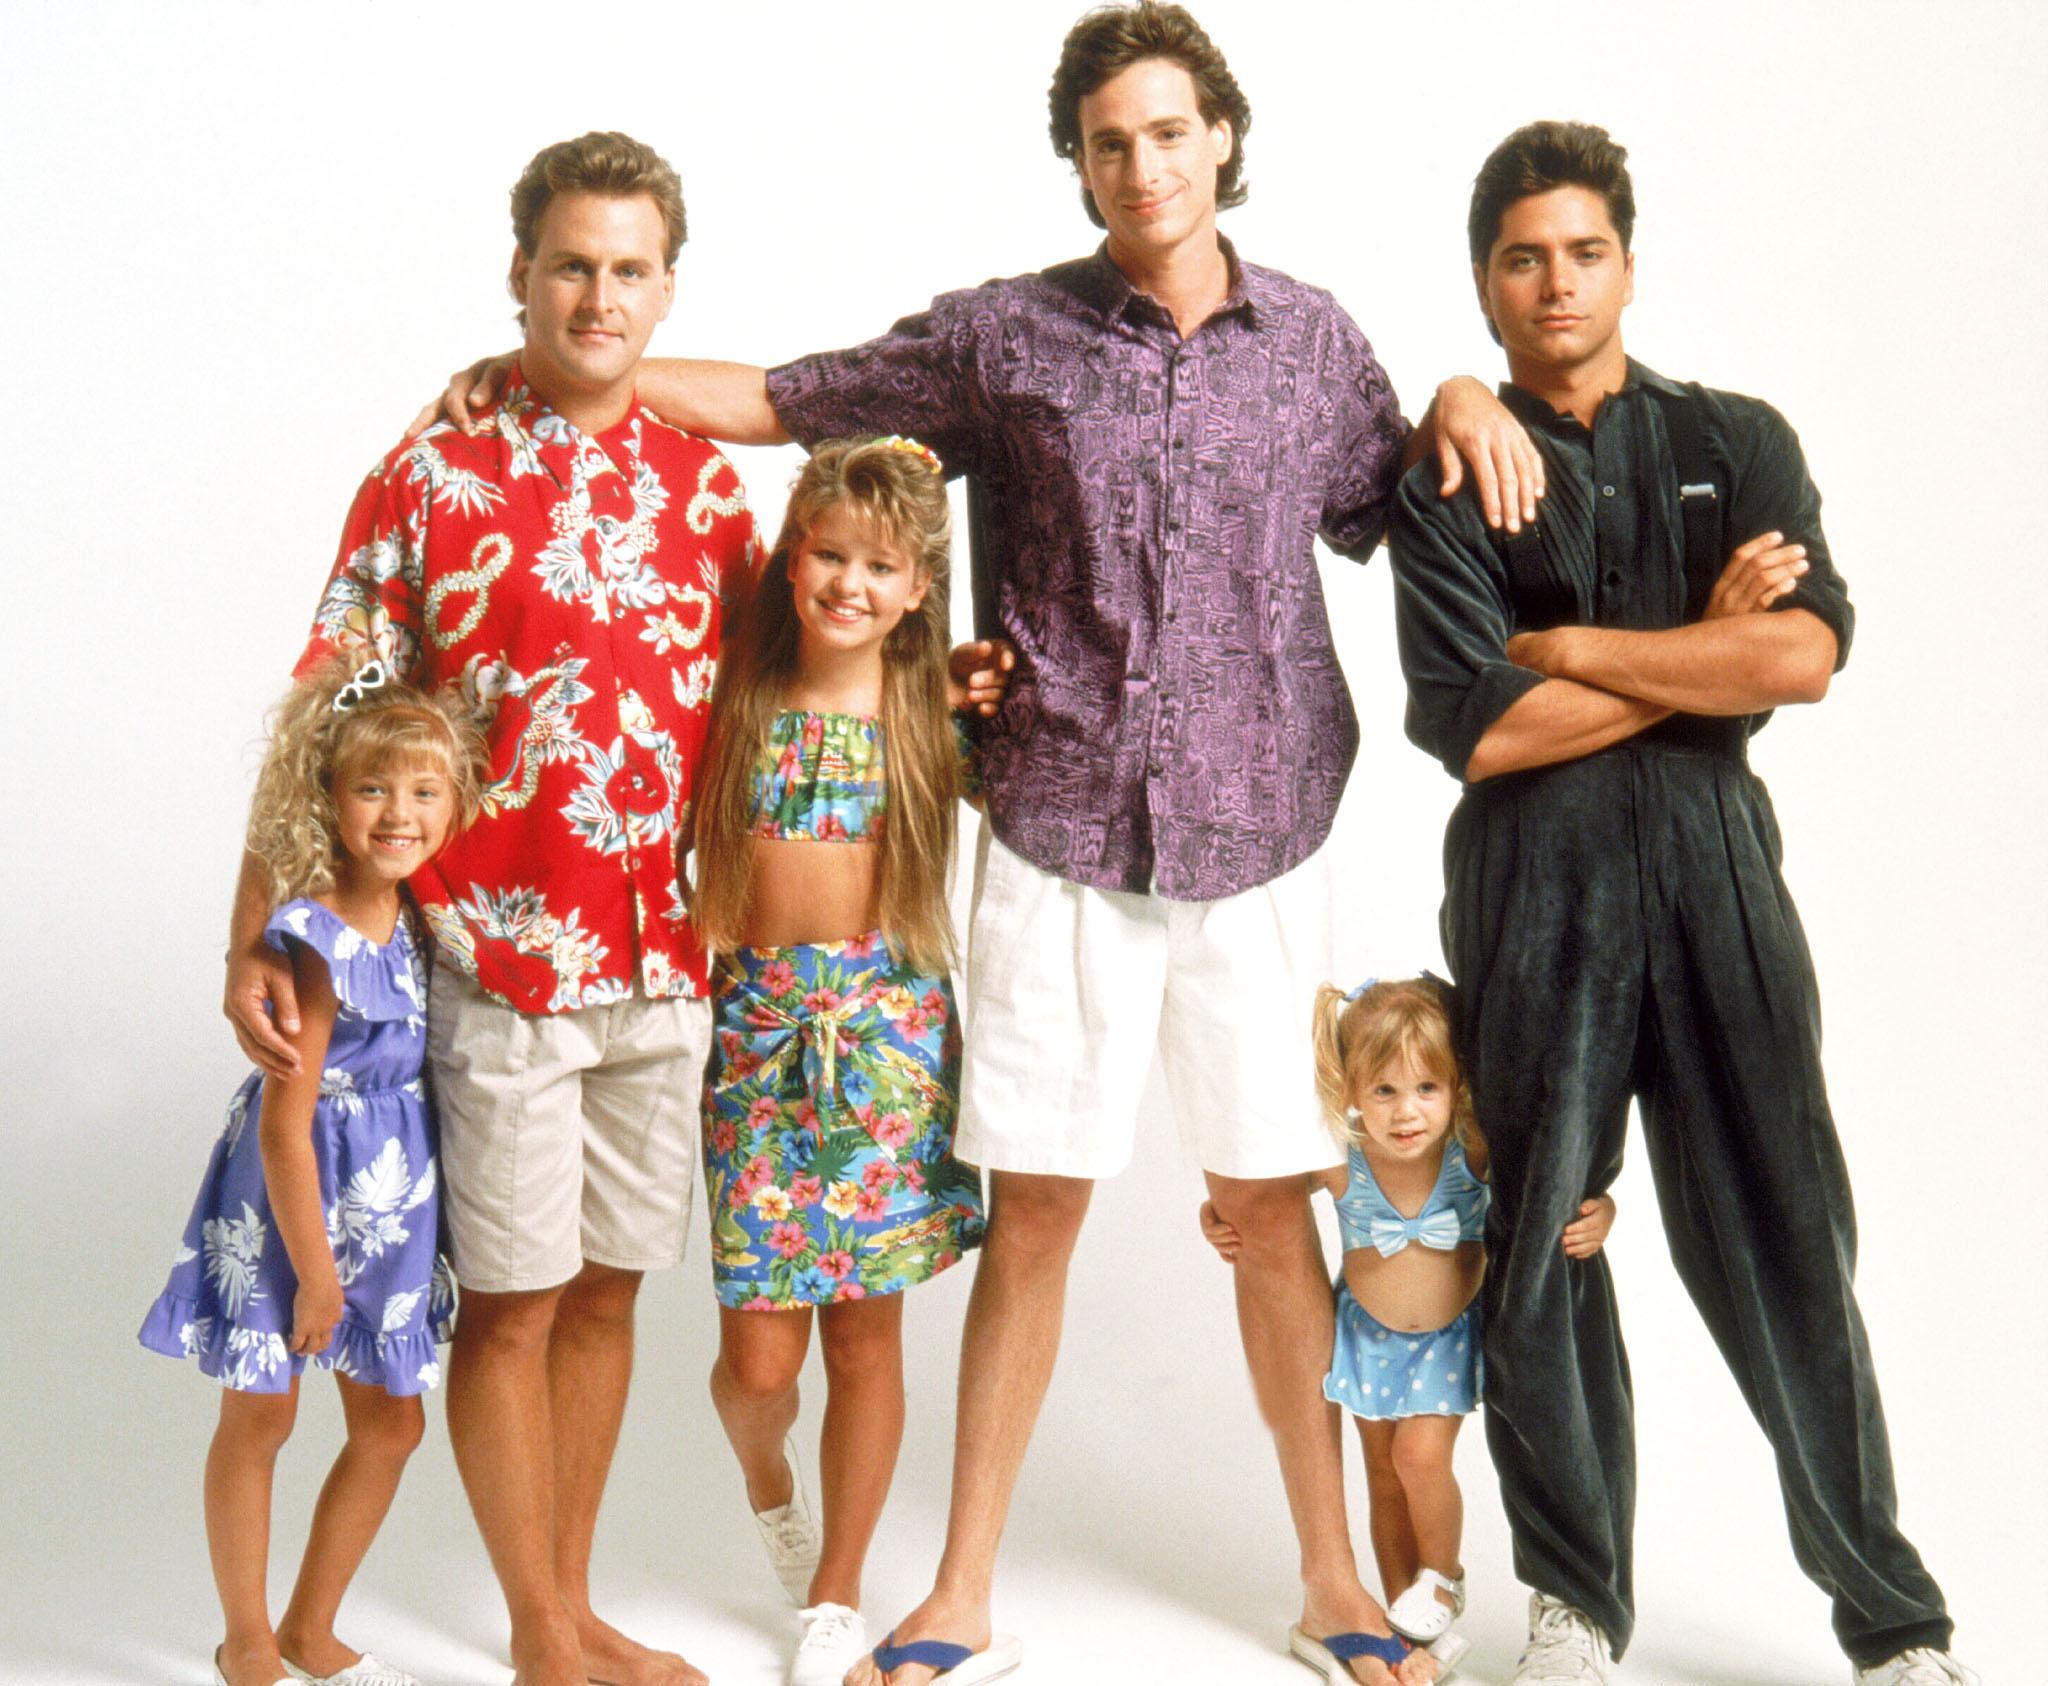 90s-shows-full-house1.jpg